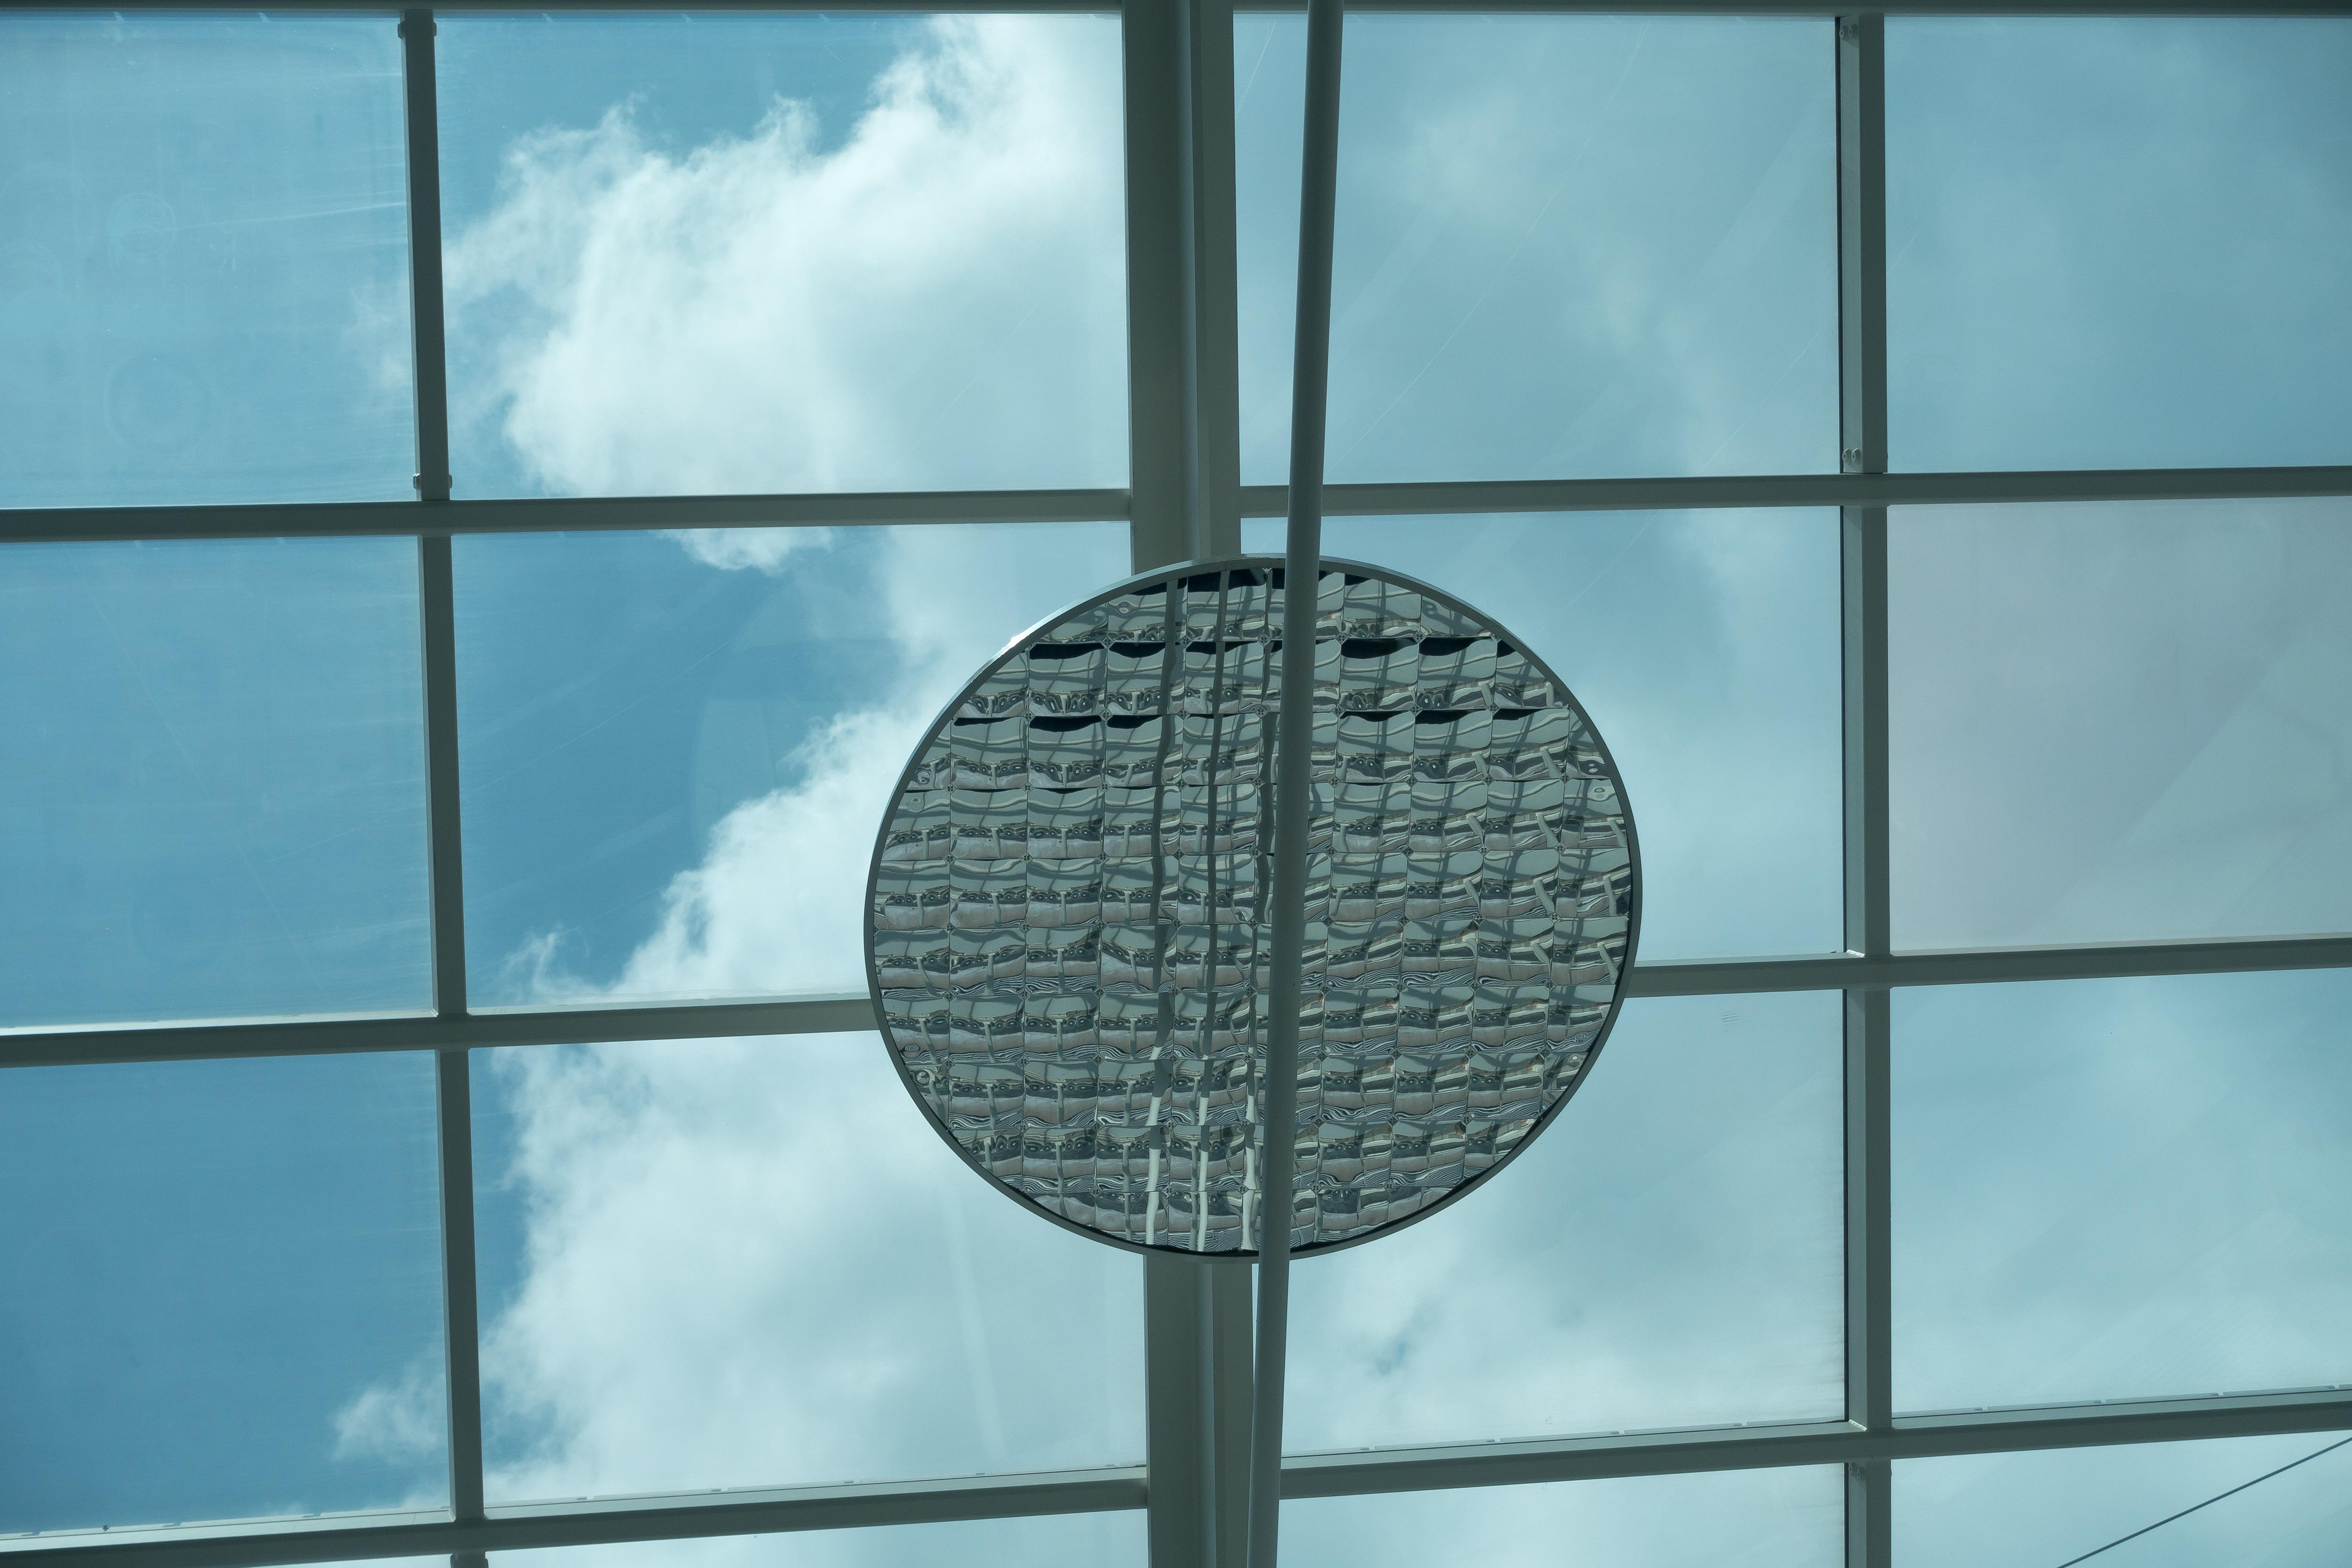 Stehlen Modern kostenlose foto licht die architektur fenster glas gebäude